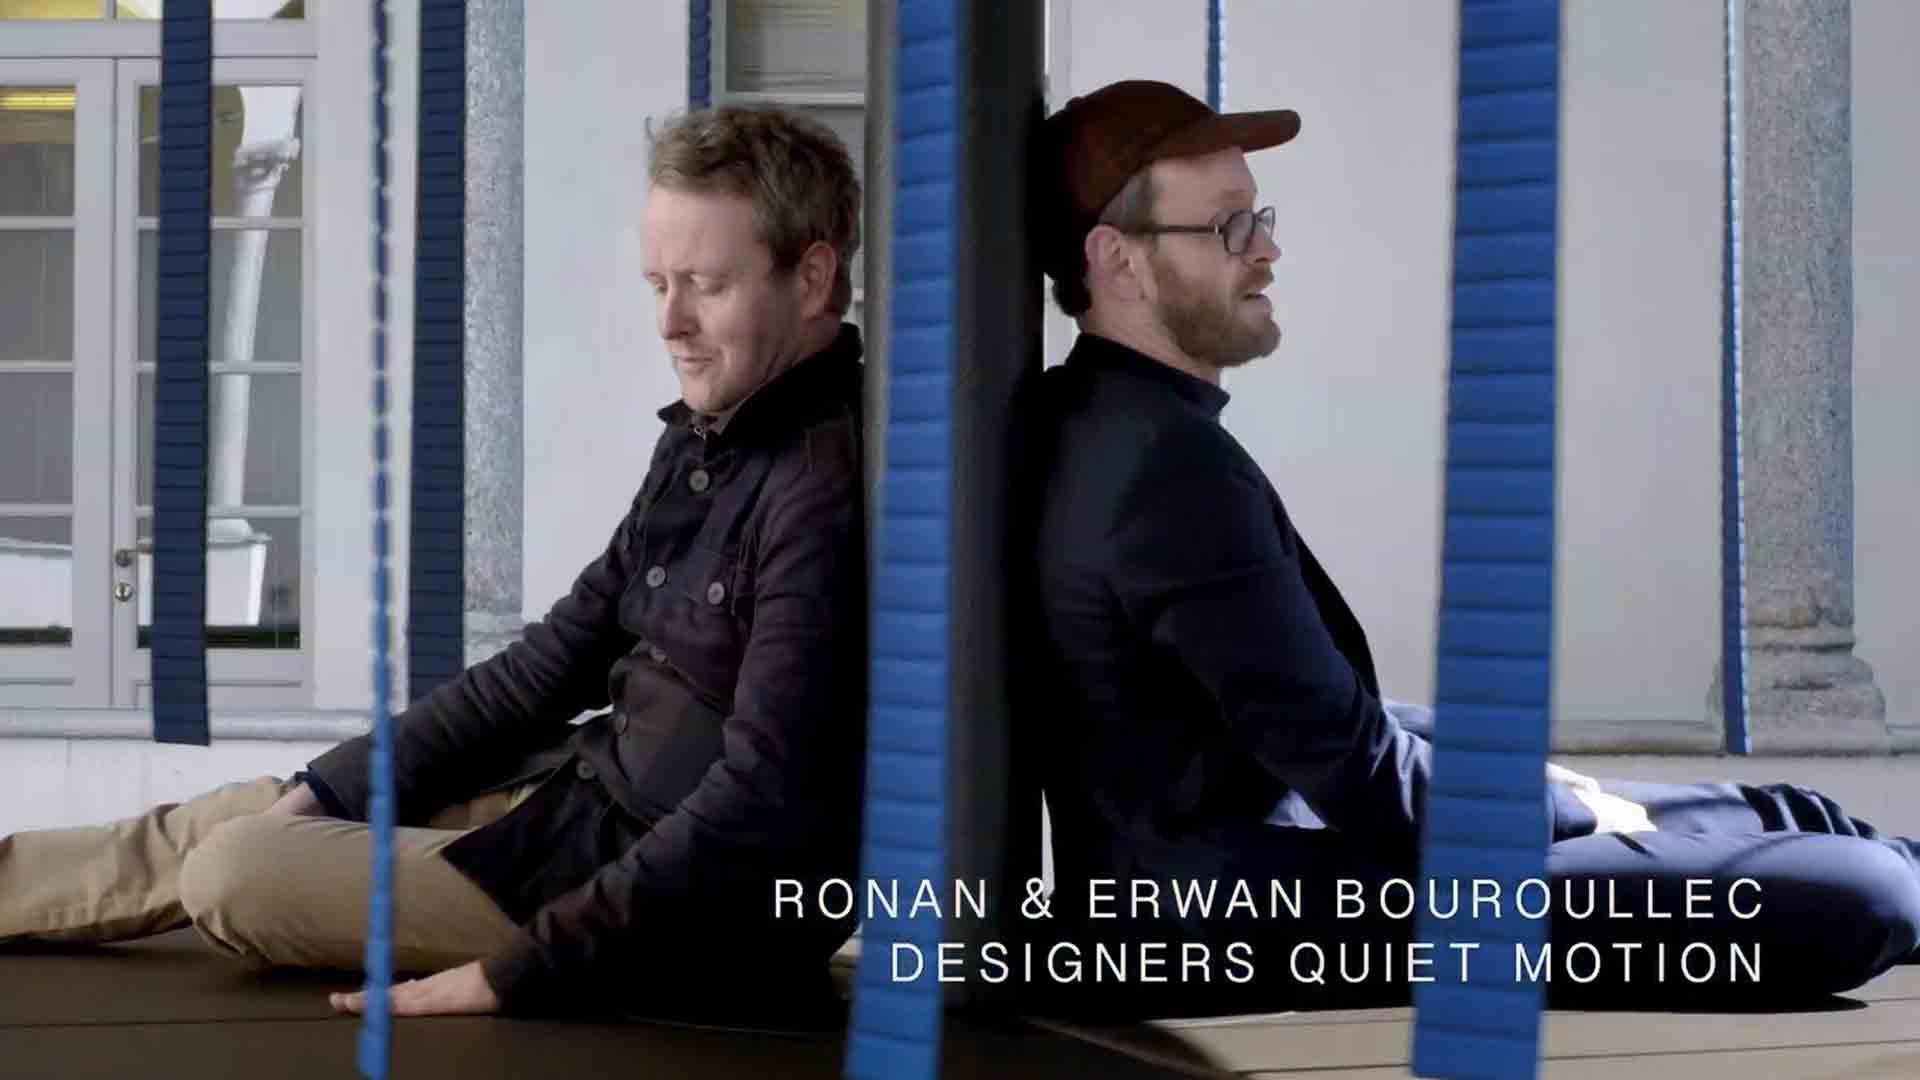 """Das Bild zeigt zwei Männer, die Rücken an Rücken zueinander sitzen. Der Mann, der auf der rechten Seite sitzt, trägt eine Mütze. Vor den beiden sieht man blaue Streifen durch das Bild wehen. Die rechte Seite des Bildes zeigt die eingebetteten, animierten Namen der beiden. Zu lesen ist """"Ronan & Erwan Bouroullec Designer Quiet Motion"""". Das Bild dient als Sliderbild für den Portfolioeintrag """"BMW Quiet Motion"""" von Panda Pictures."""